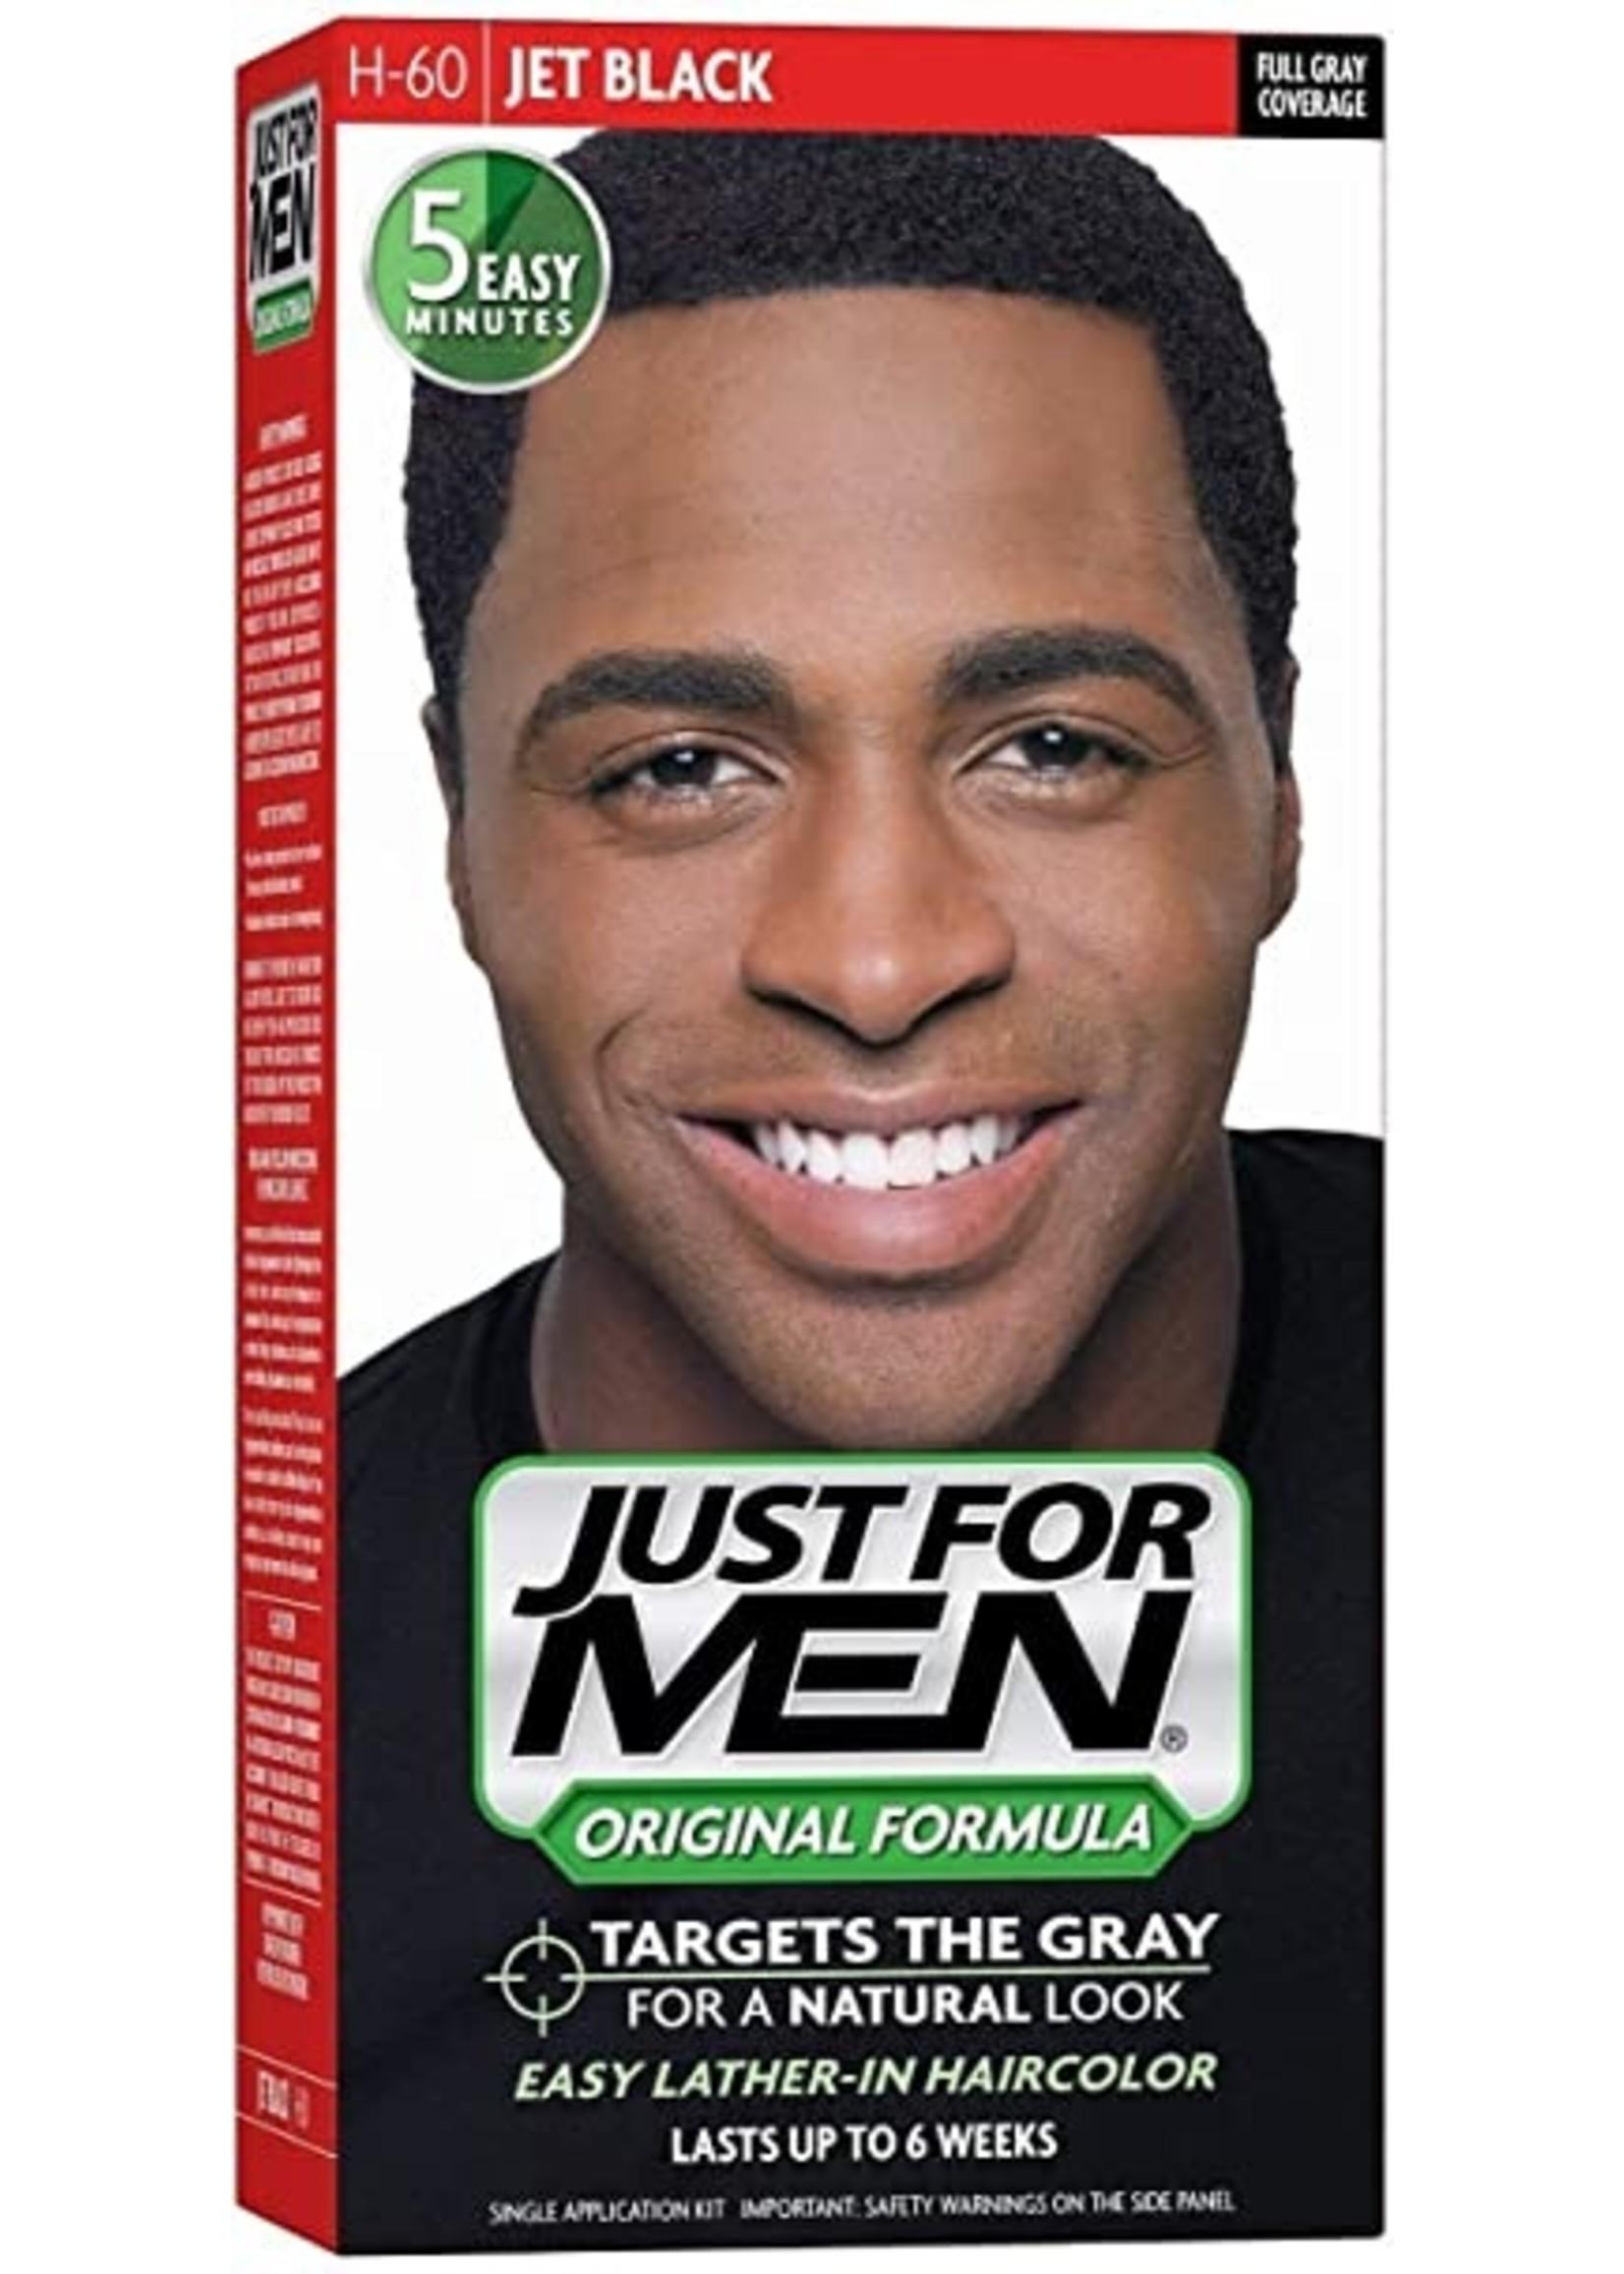 Just For Men Color Jet Black